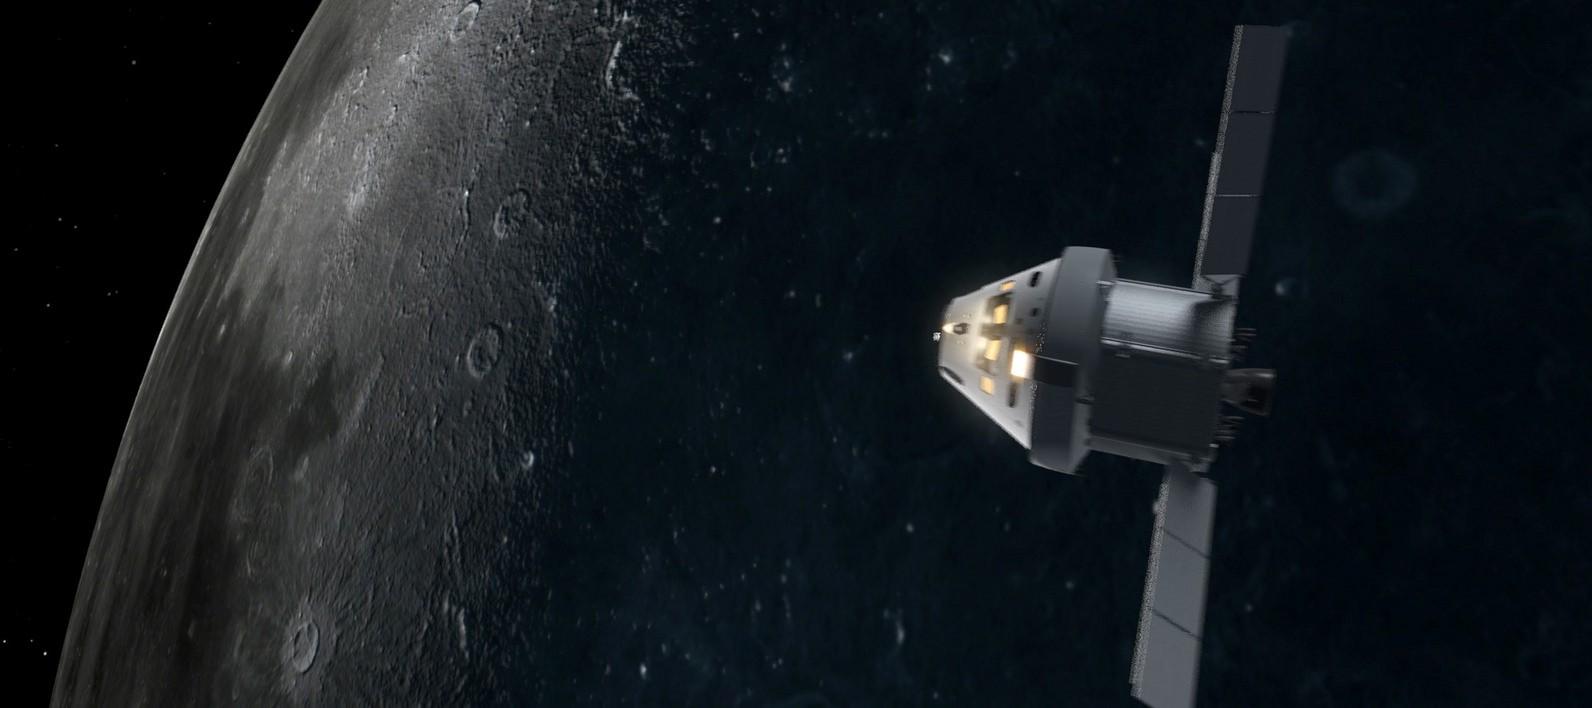 Credit NASA